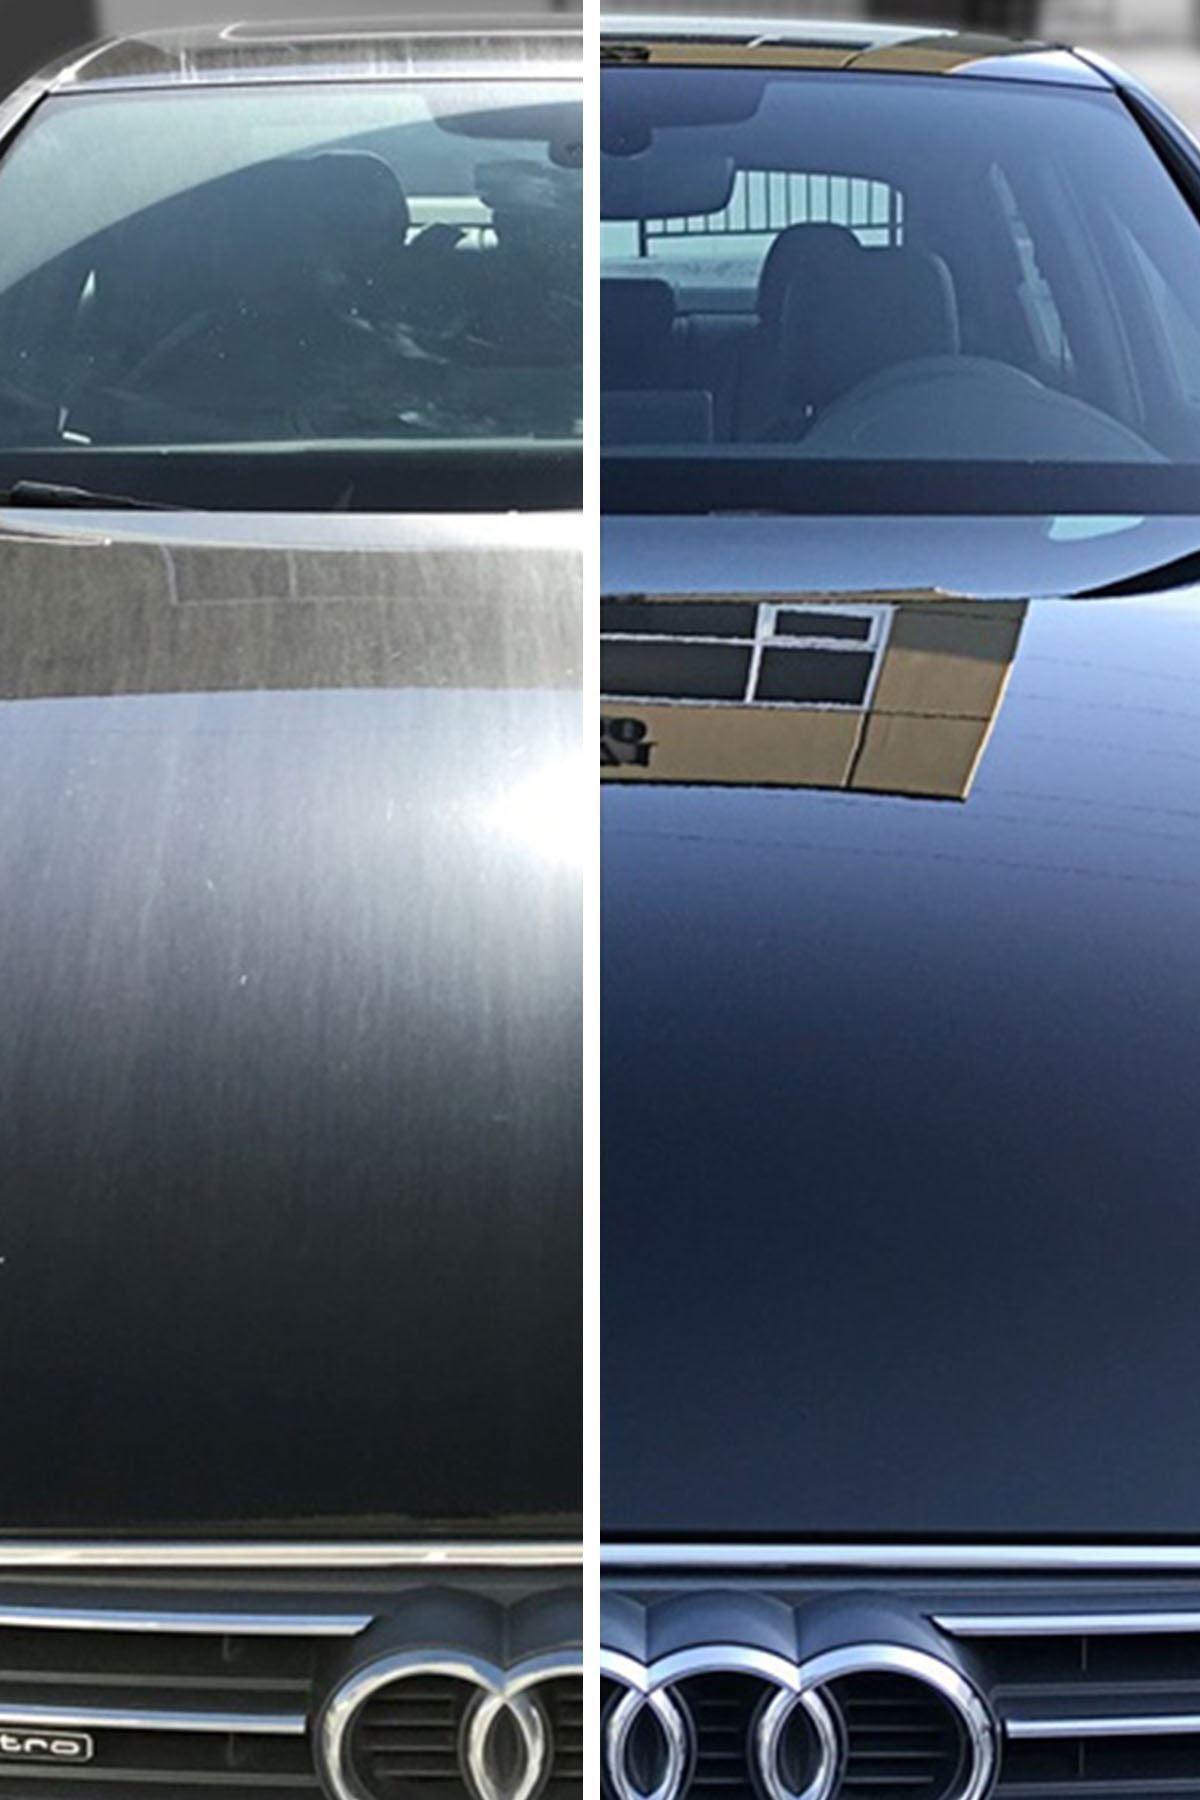 SMX Genel Amaçlı Temizleyici & SMX Seramik Katkılı Hızlı ve Pratik Cila & SMX Torpido ve Plastik Parlatıcı & SMX Klima Temizleyici & Detay Temizlik Fırçası + Oto Kokusu Hediyeli!